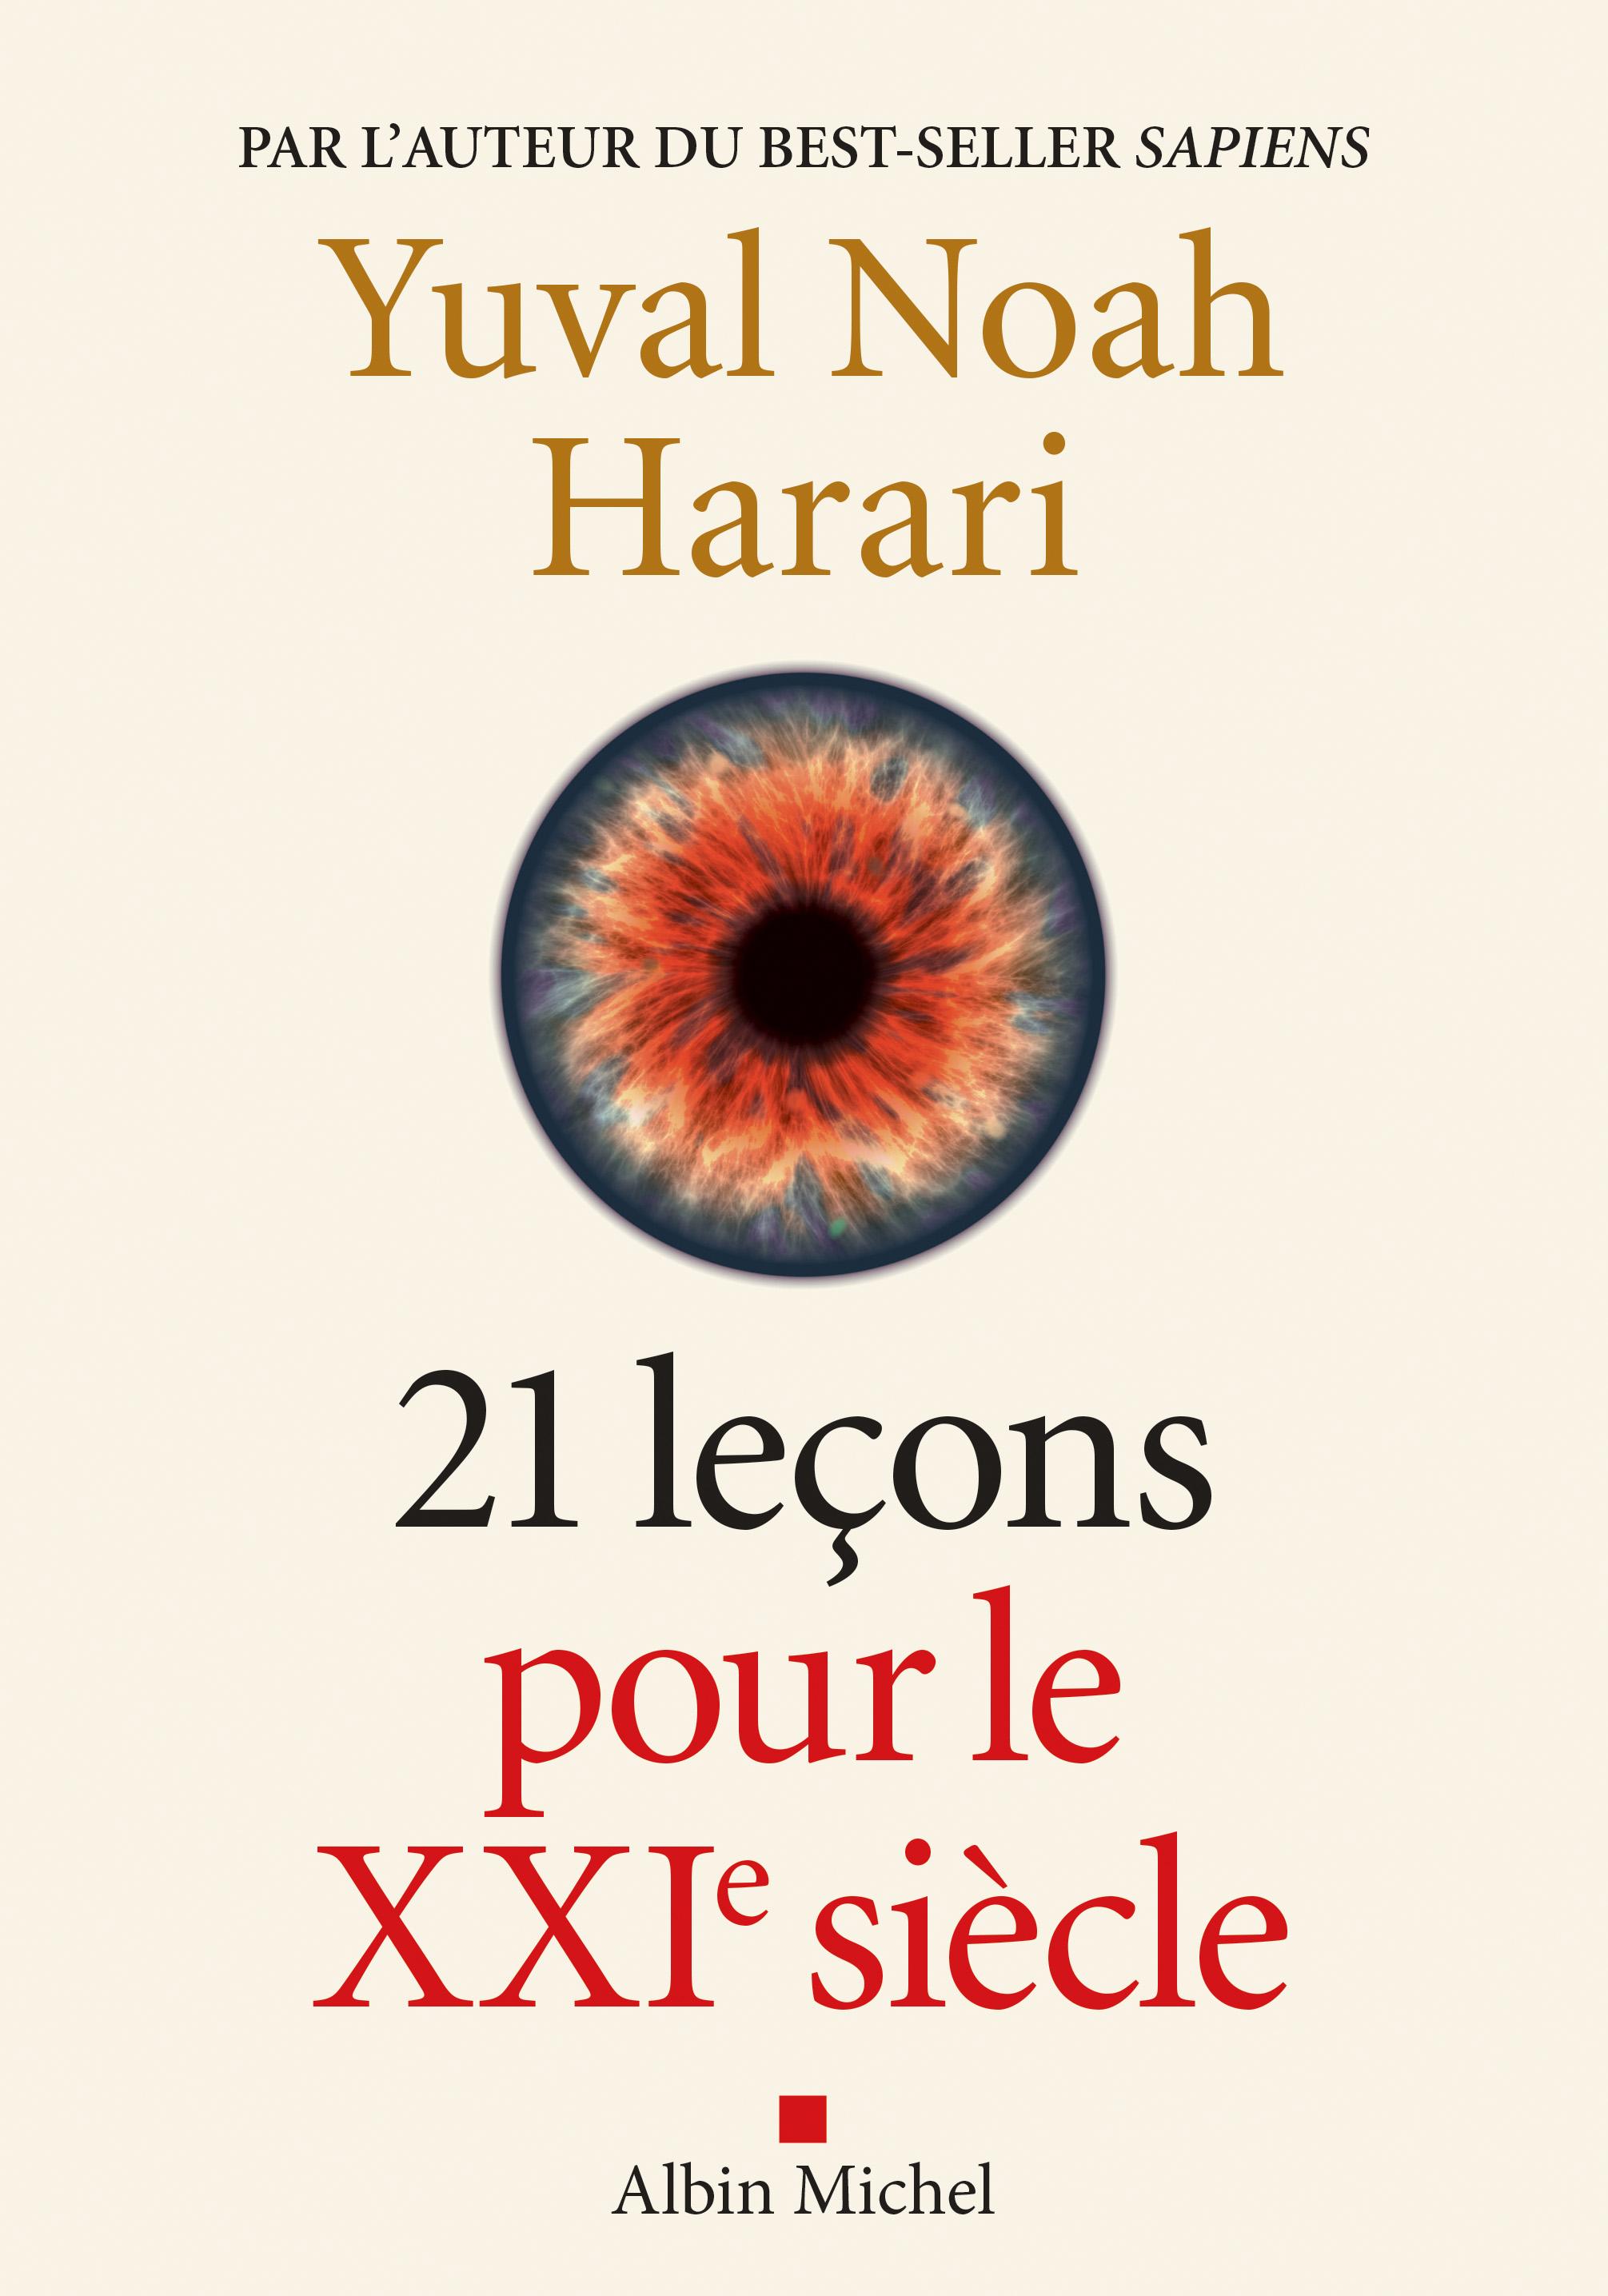 21 Leçons pour le XXIème siècle | Harari, Yuval Noah. Auteur